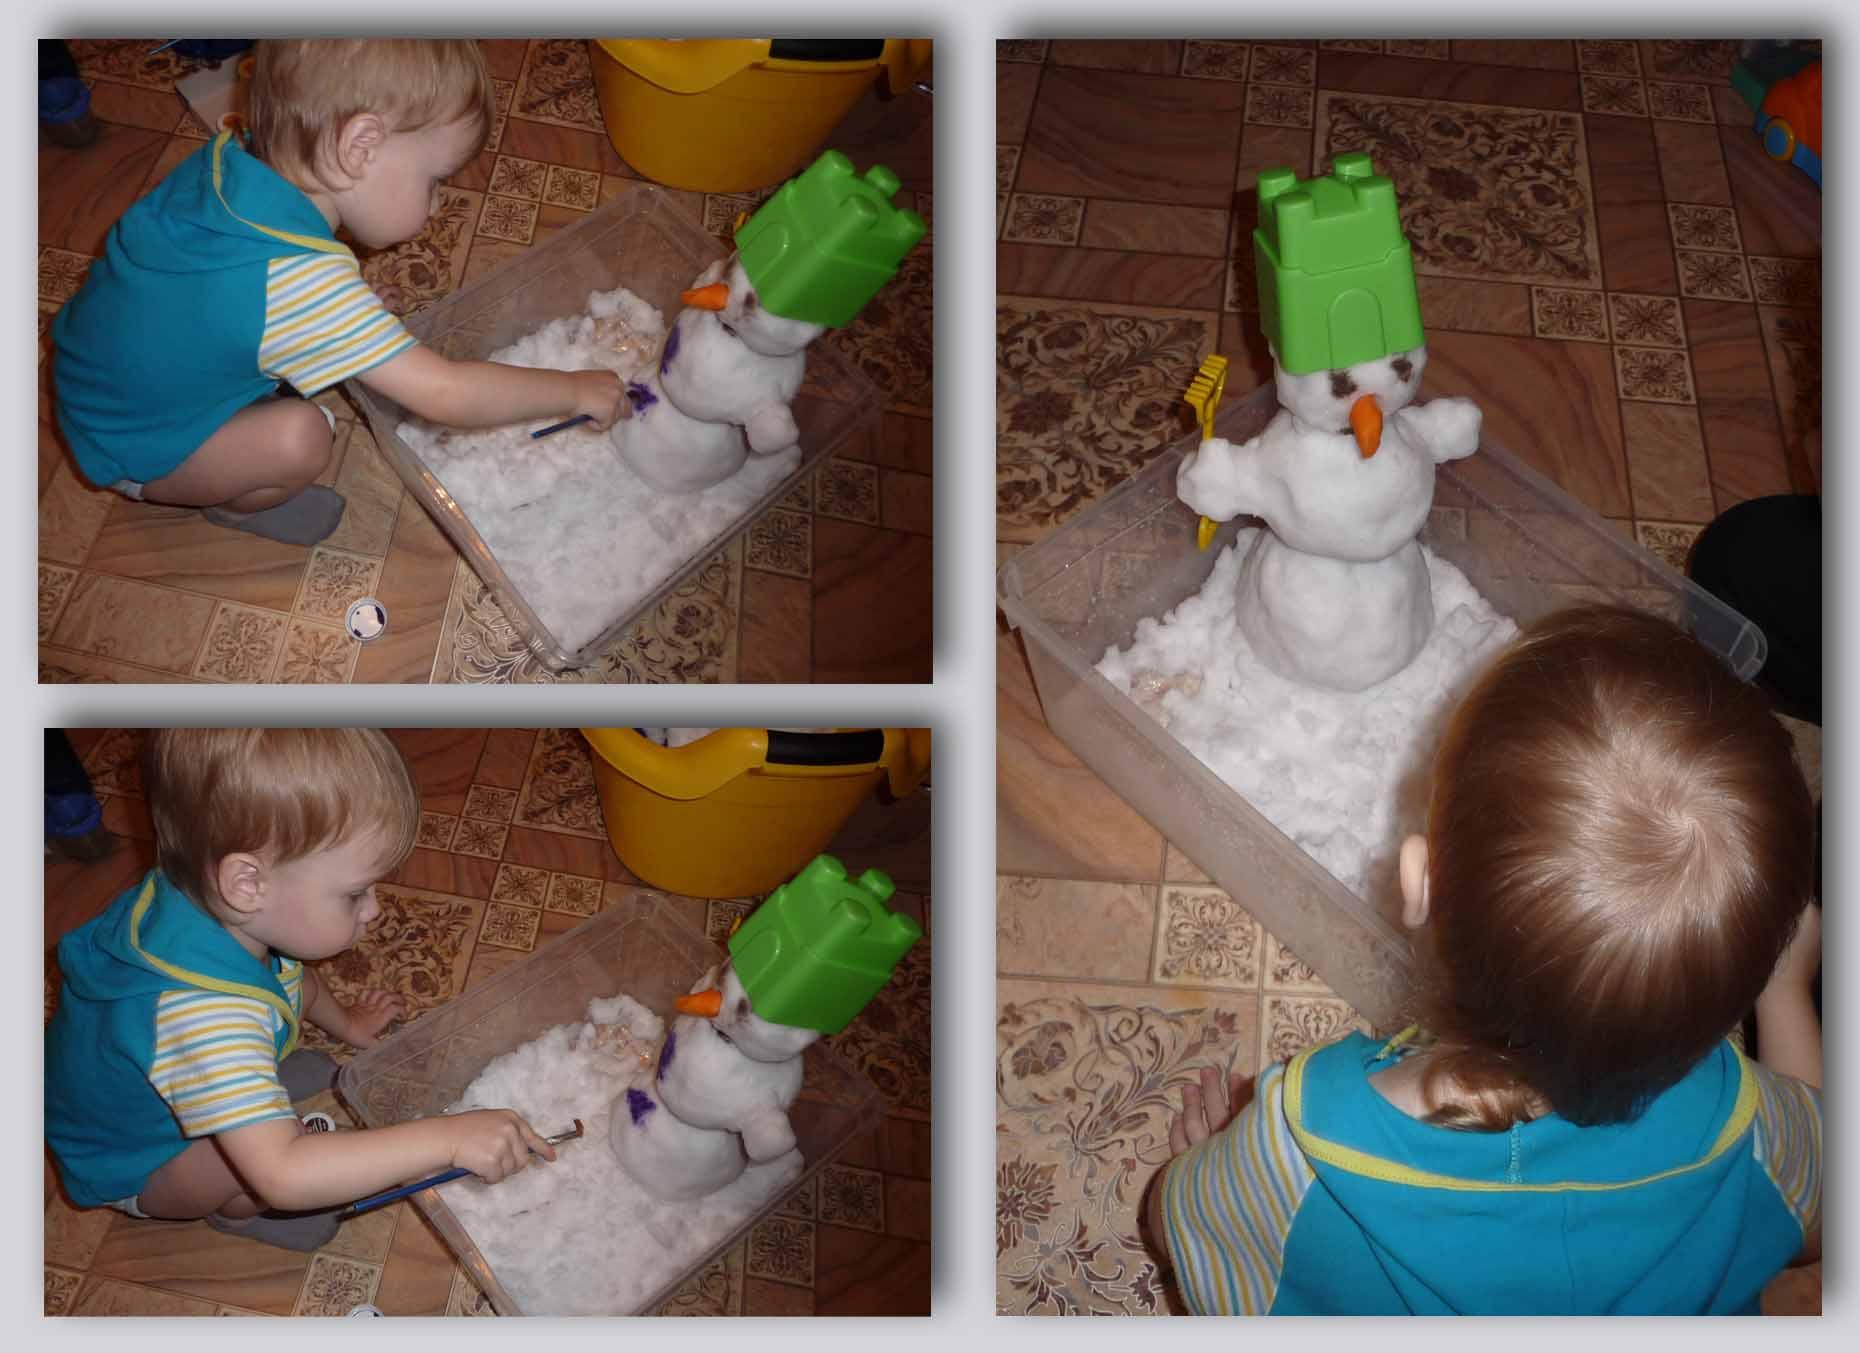 krasim snegovika